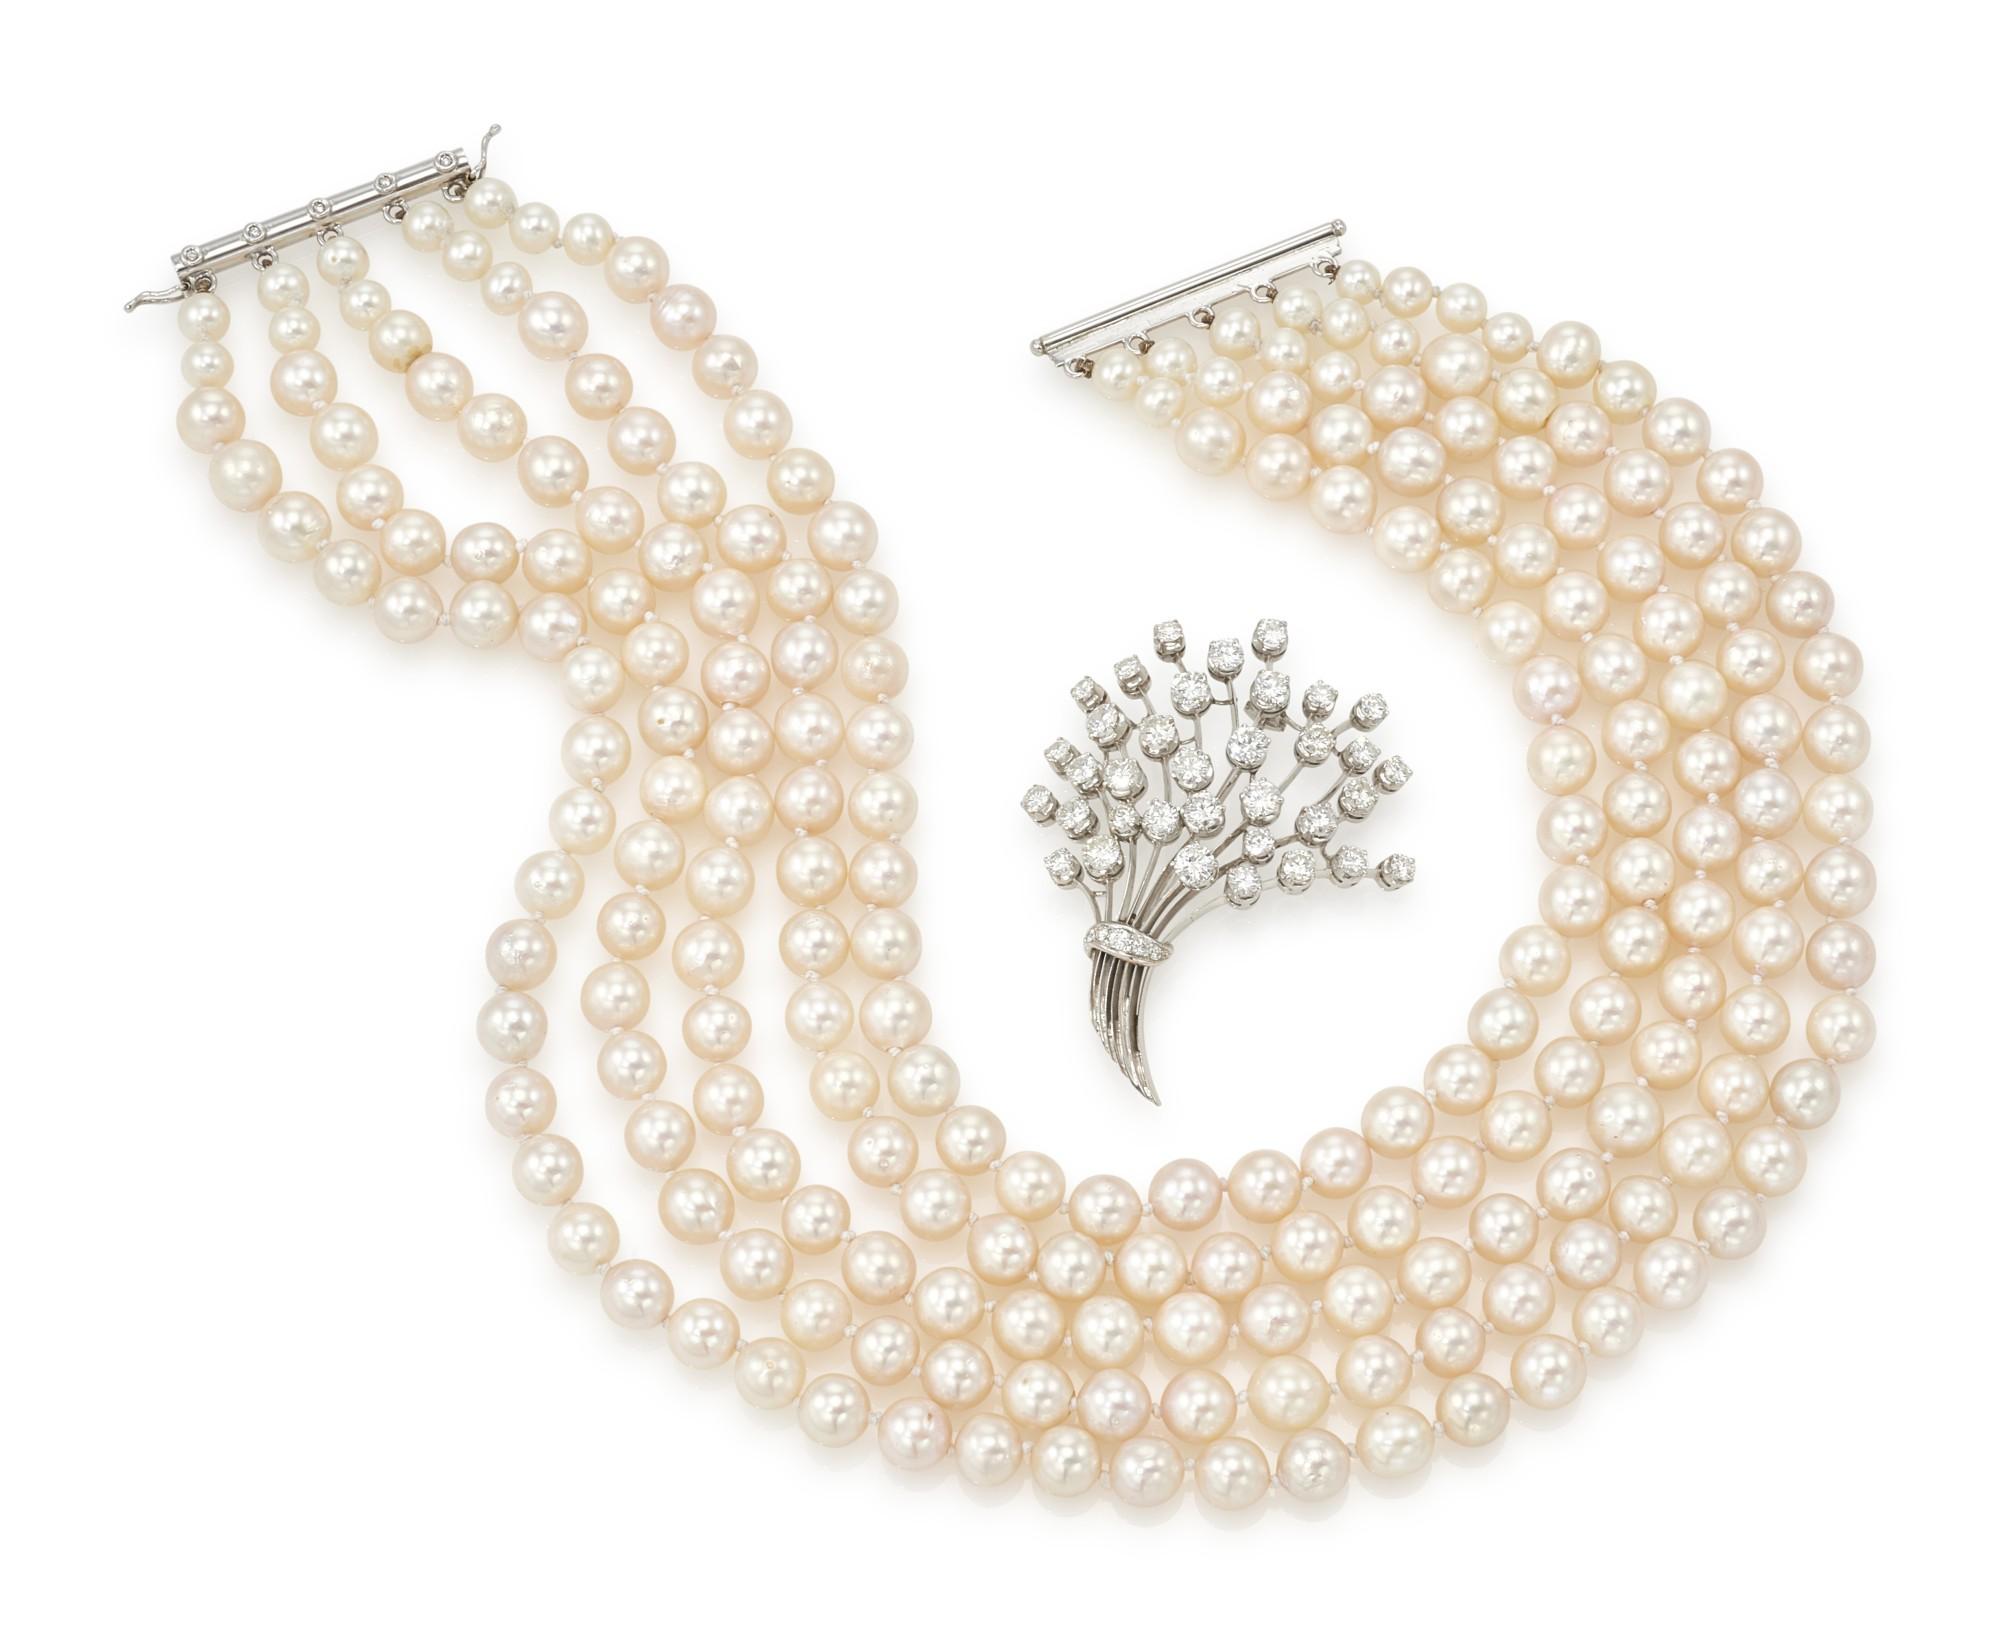 DIAMOND AND CULTURED PEARL NECKLACE AND A DIAMOND BROOCH (COLLANA DI PERLE E DIAMANTI ED UNA SPILLA IN DIAMANTI)